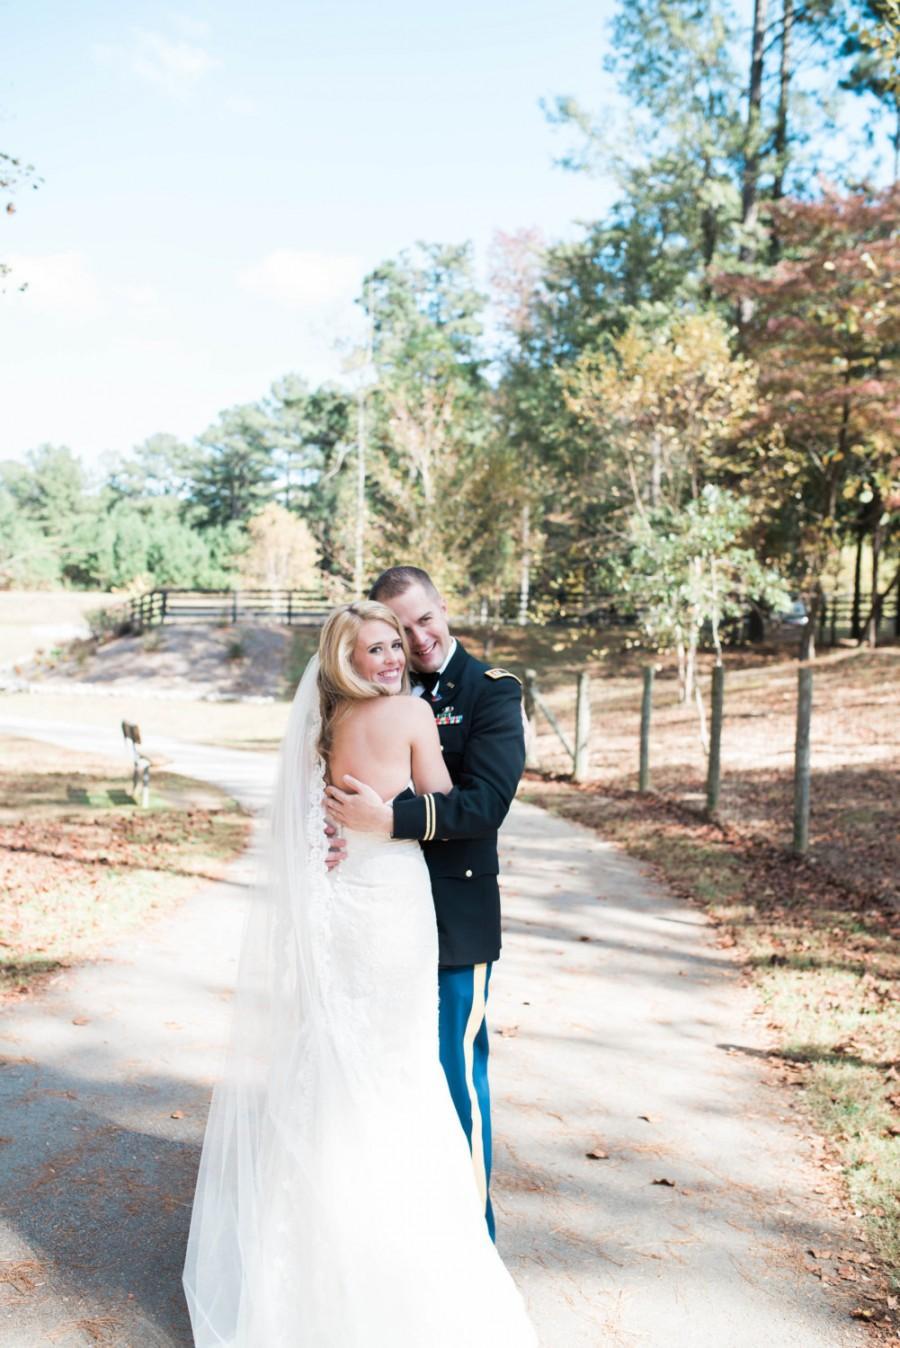 Mariage - Lace Wedding Veil- Eyelash Lace